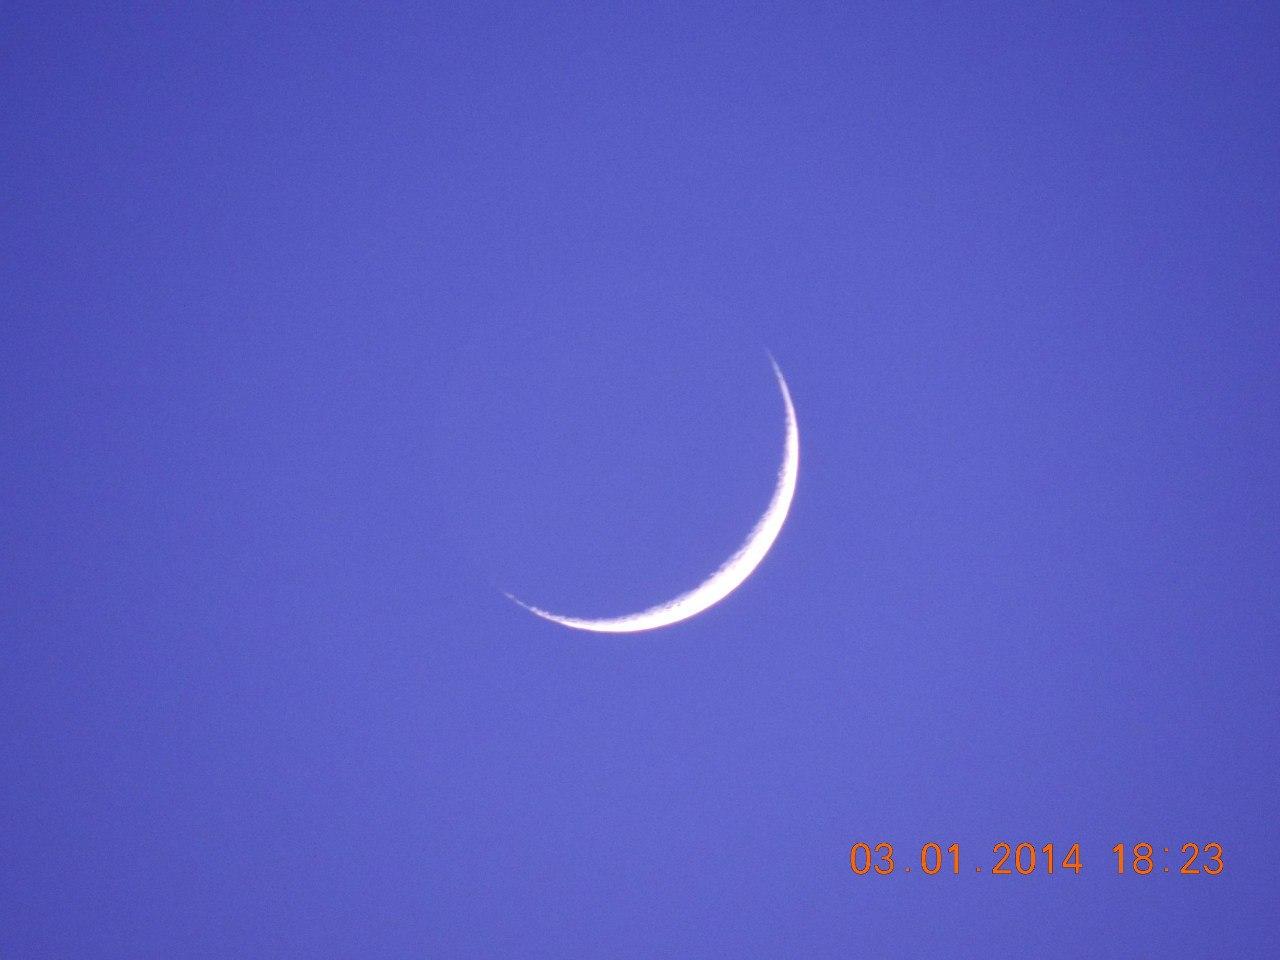 Луна... (09.01.2014)